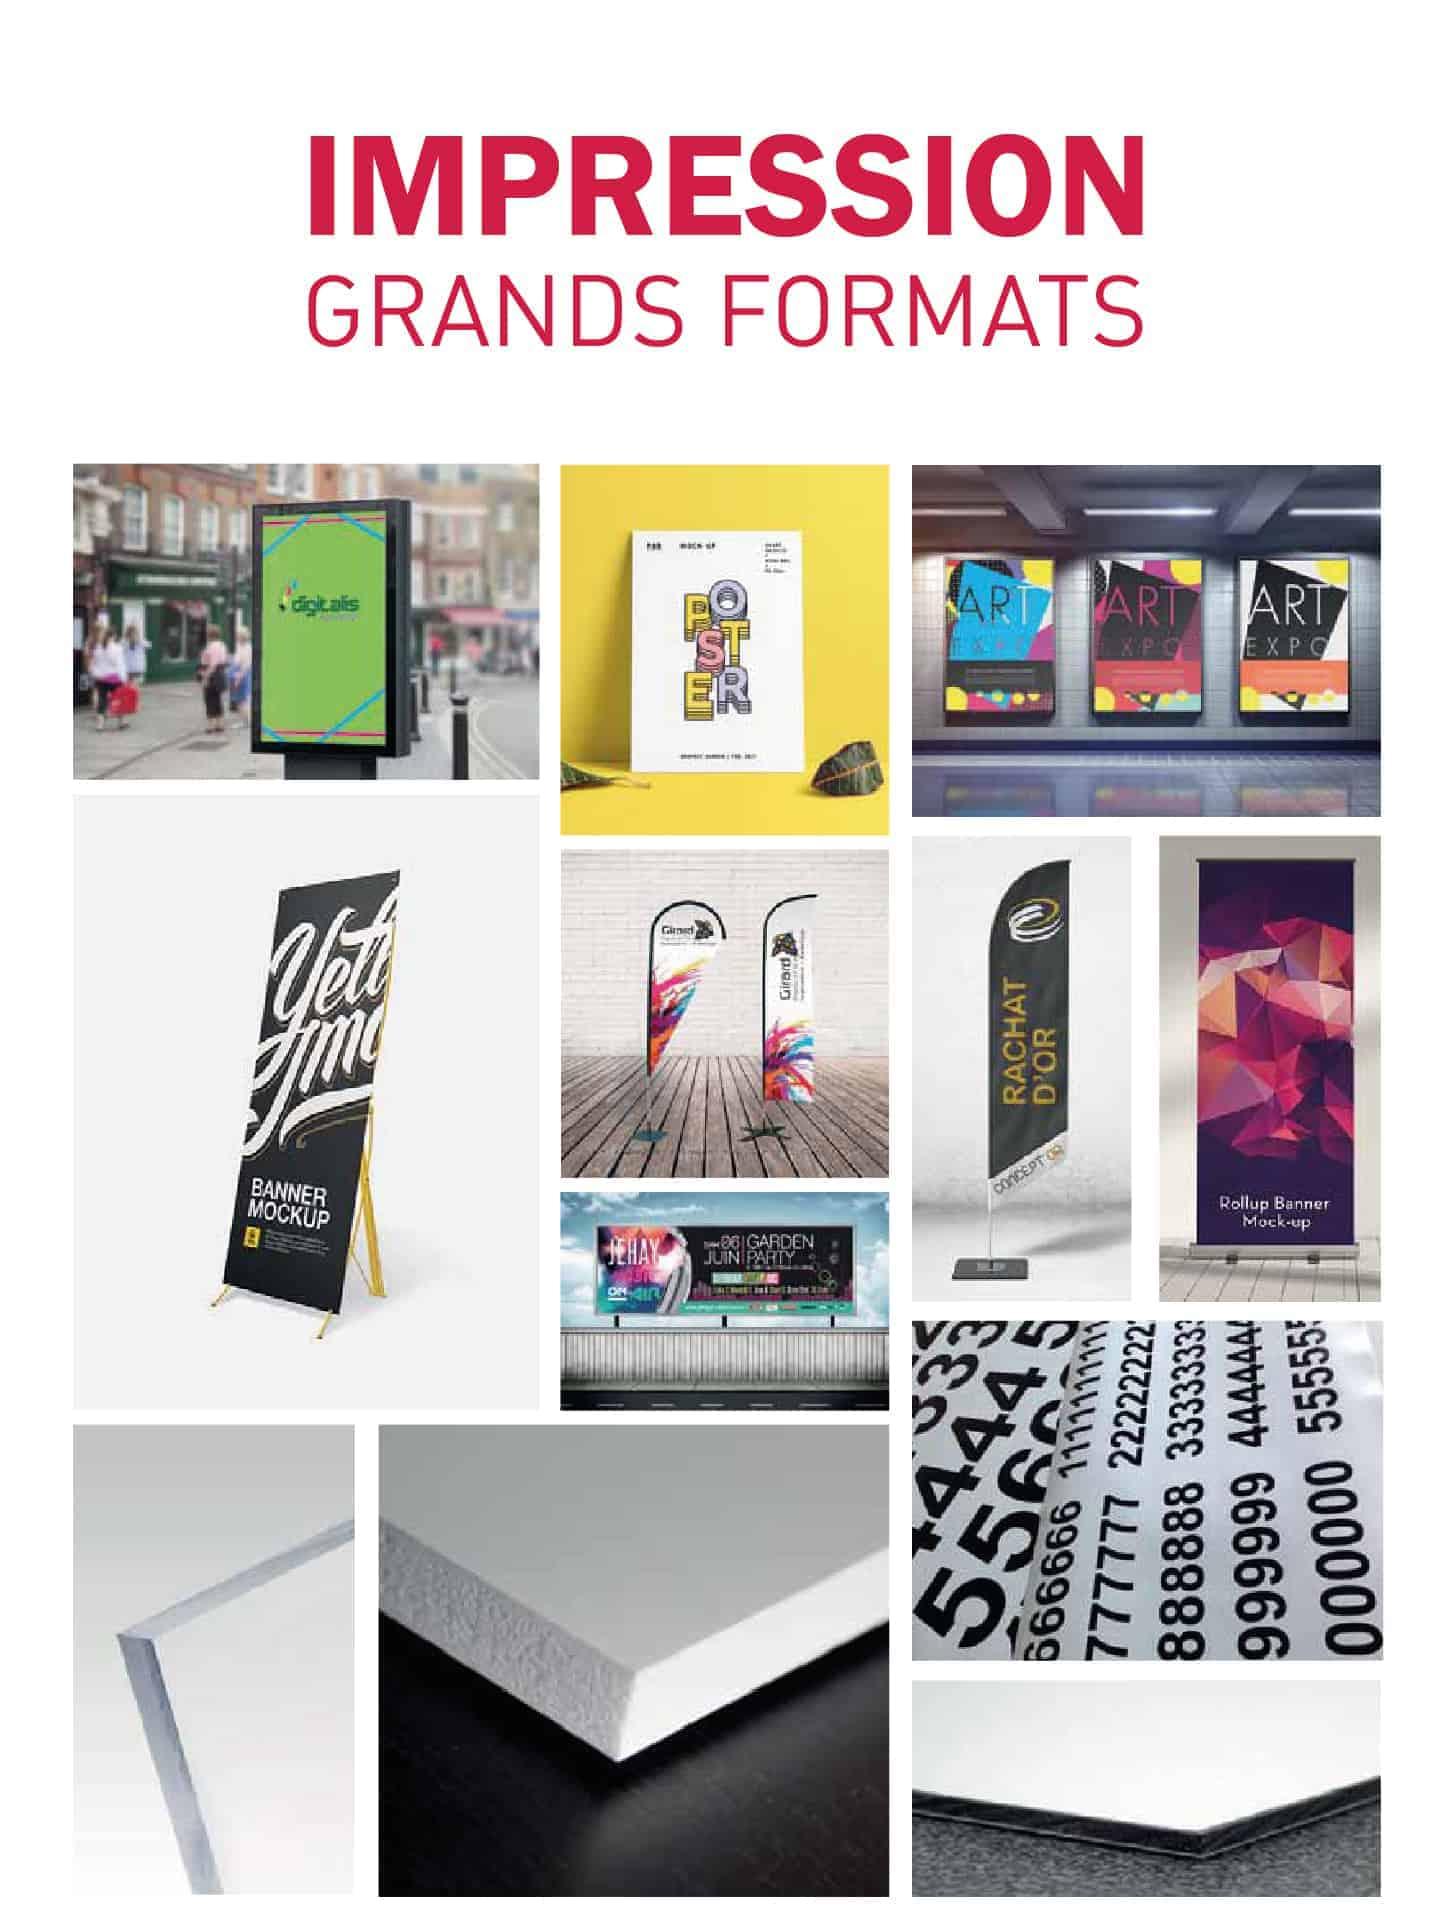 Impression grands formats